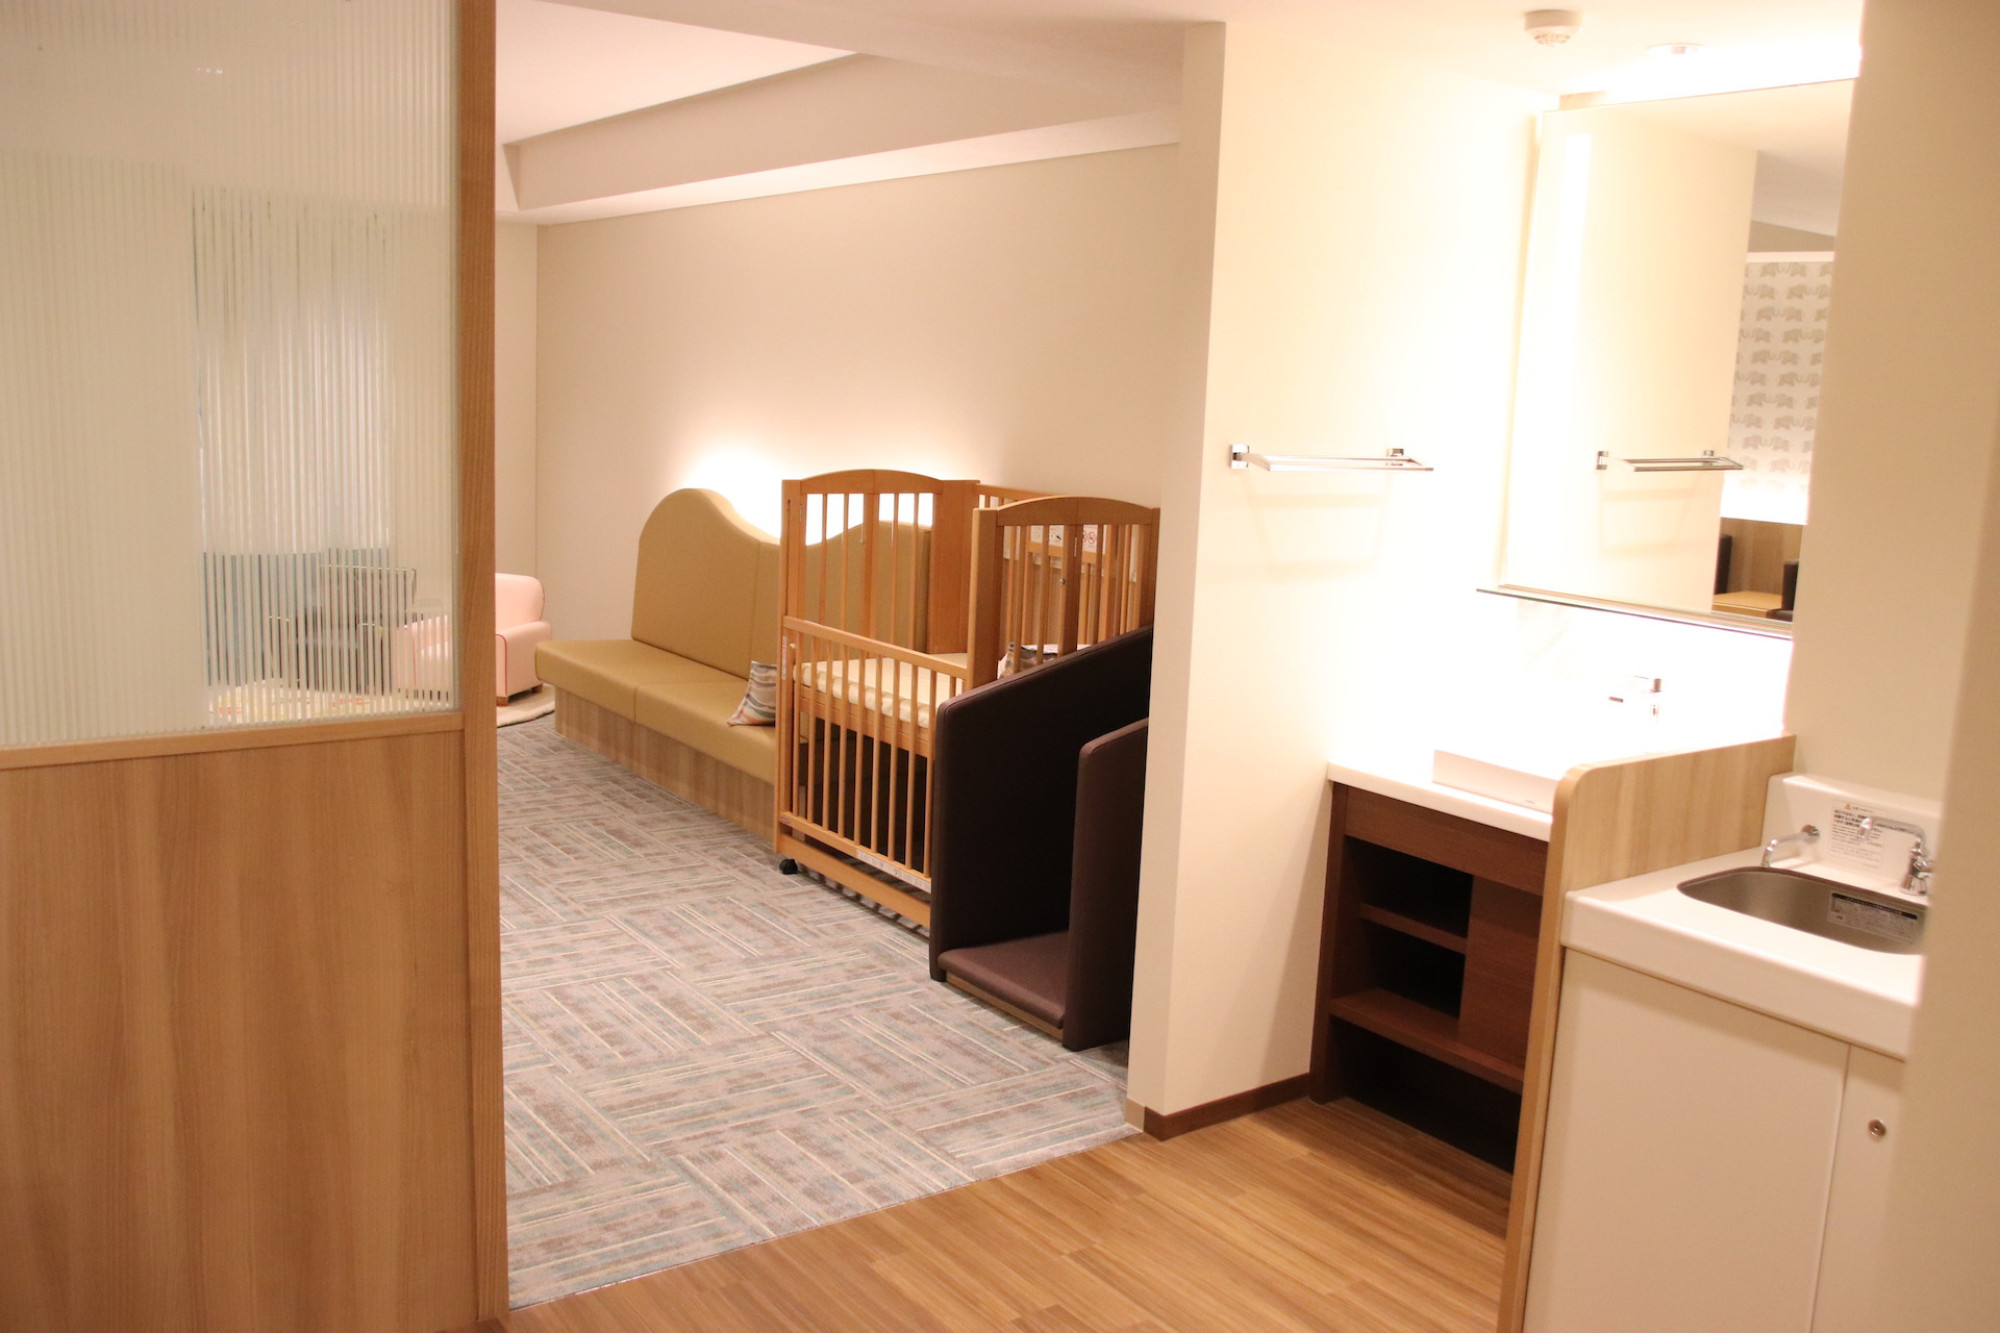 授乳室(2階)